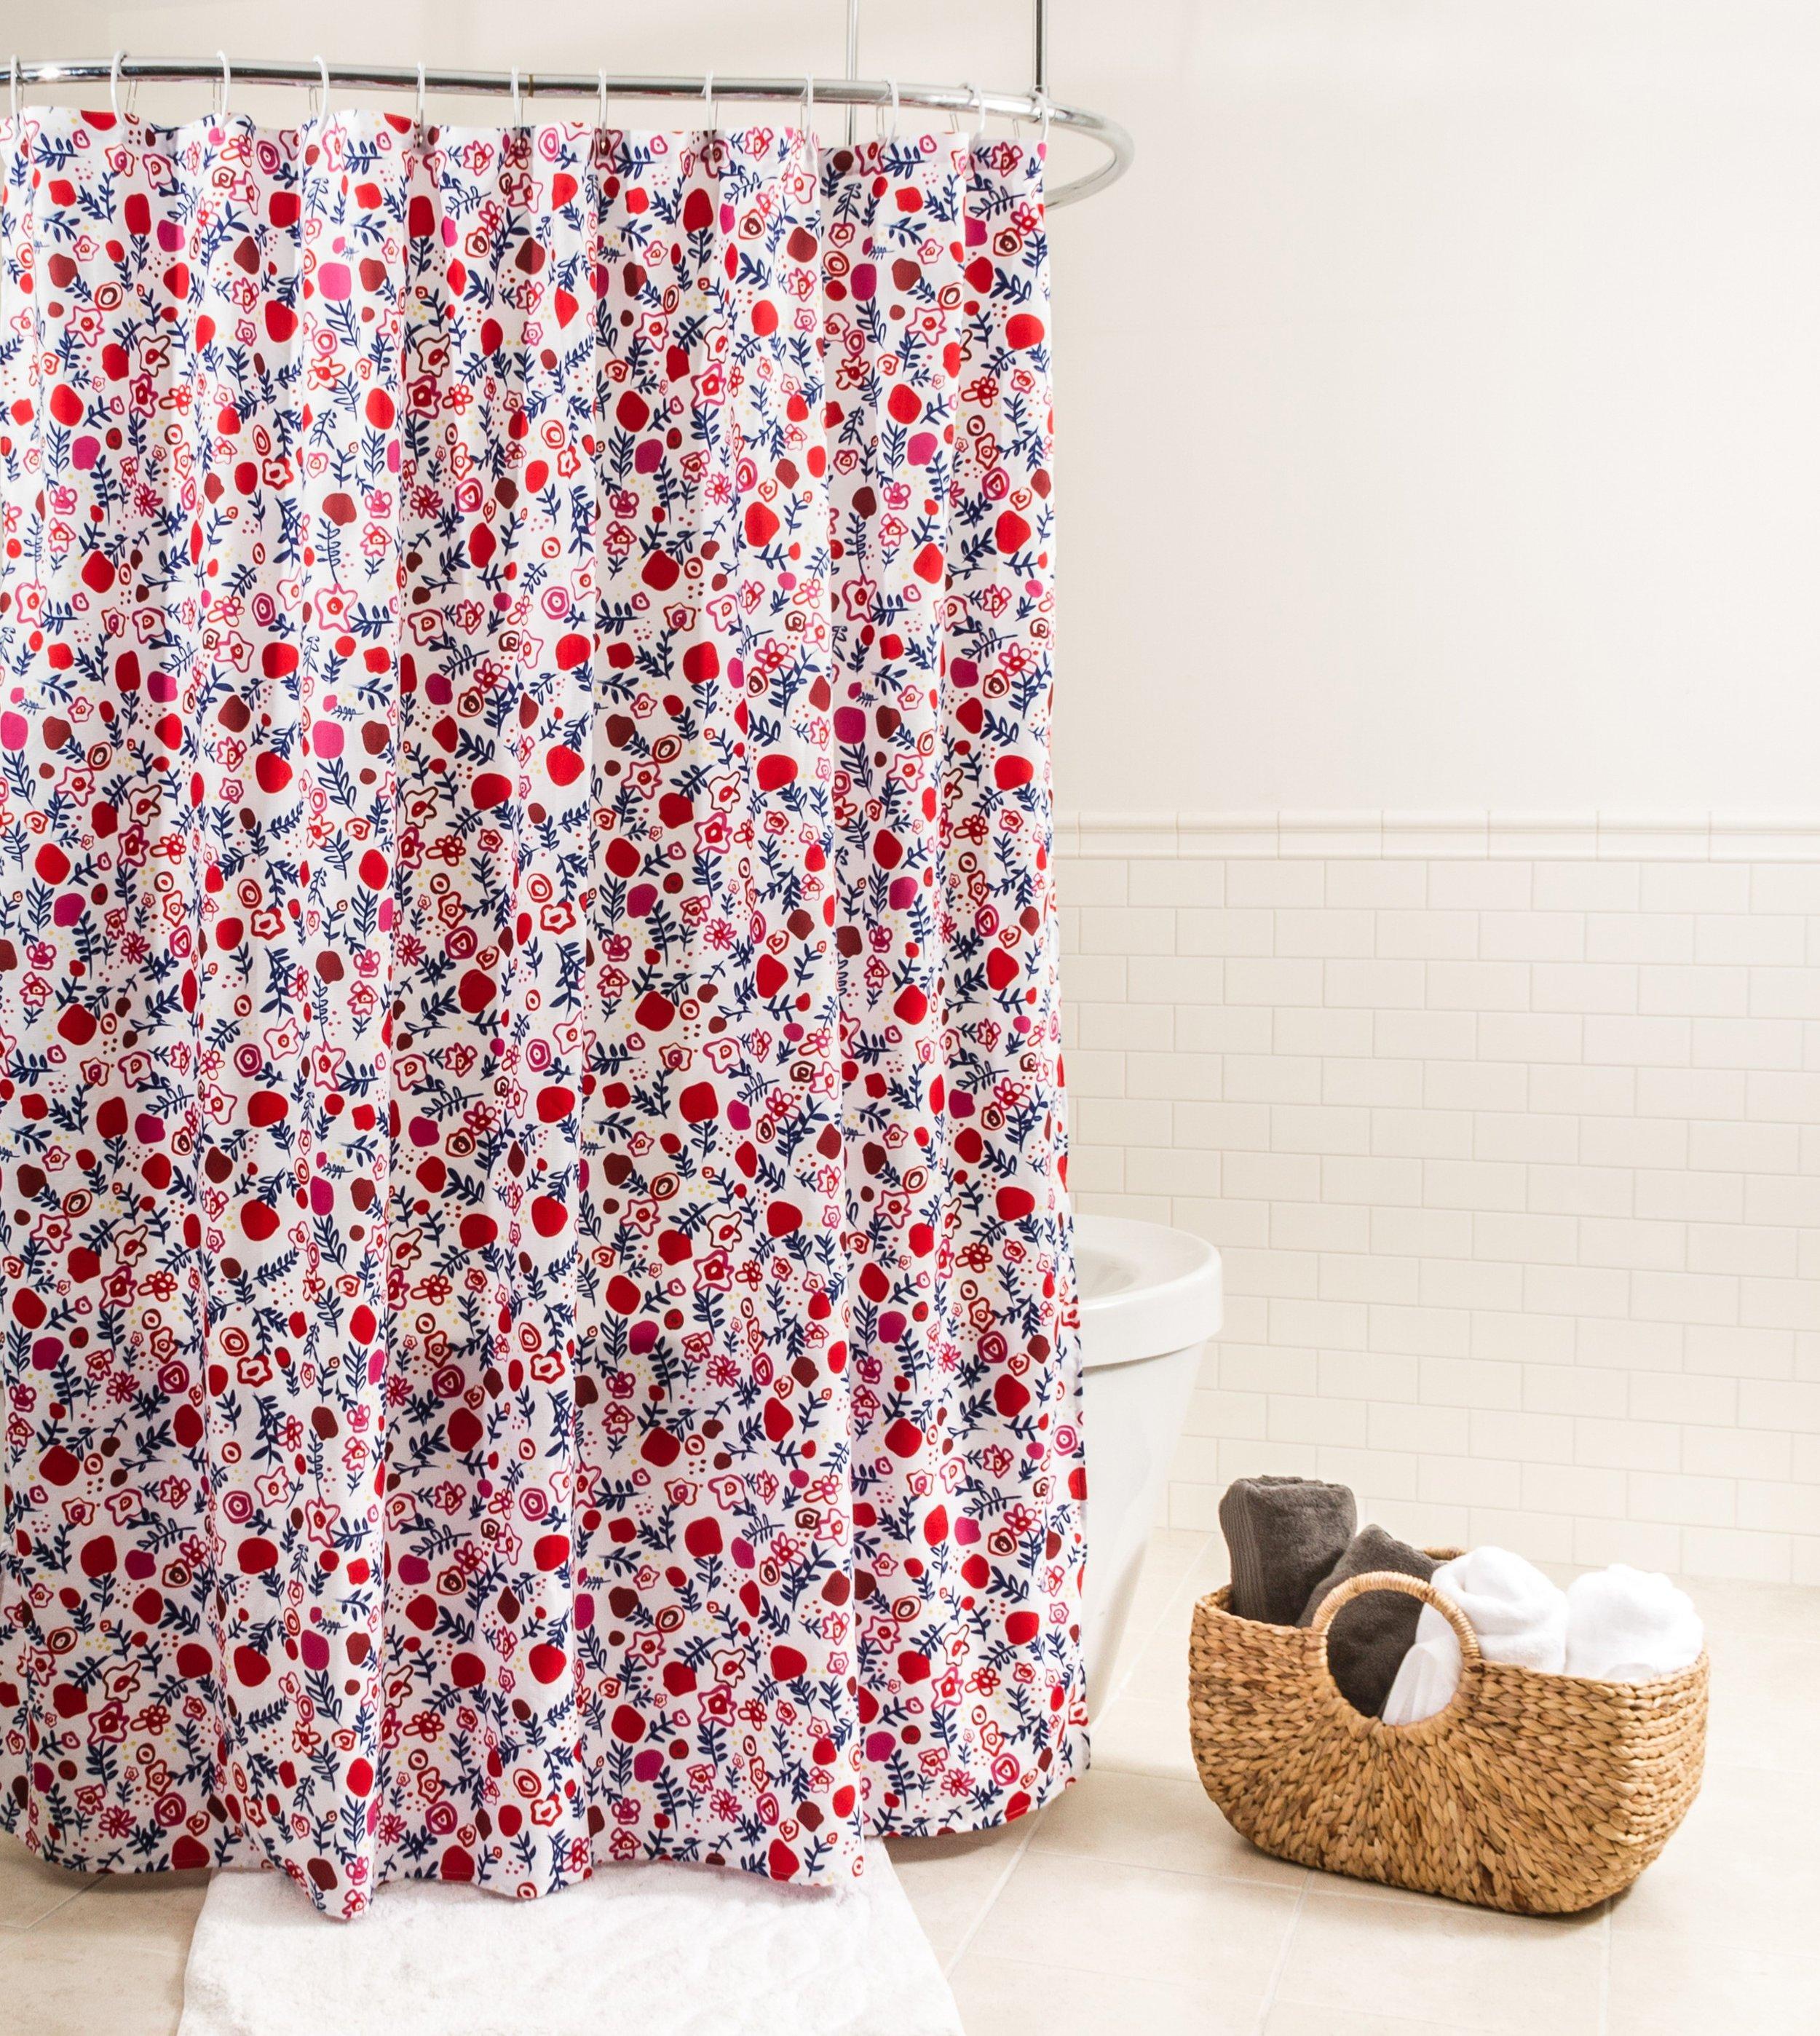 Rideaux de douche - Découvrez notre gamme de rideaux de douche en tissu et PEVA ici.